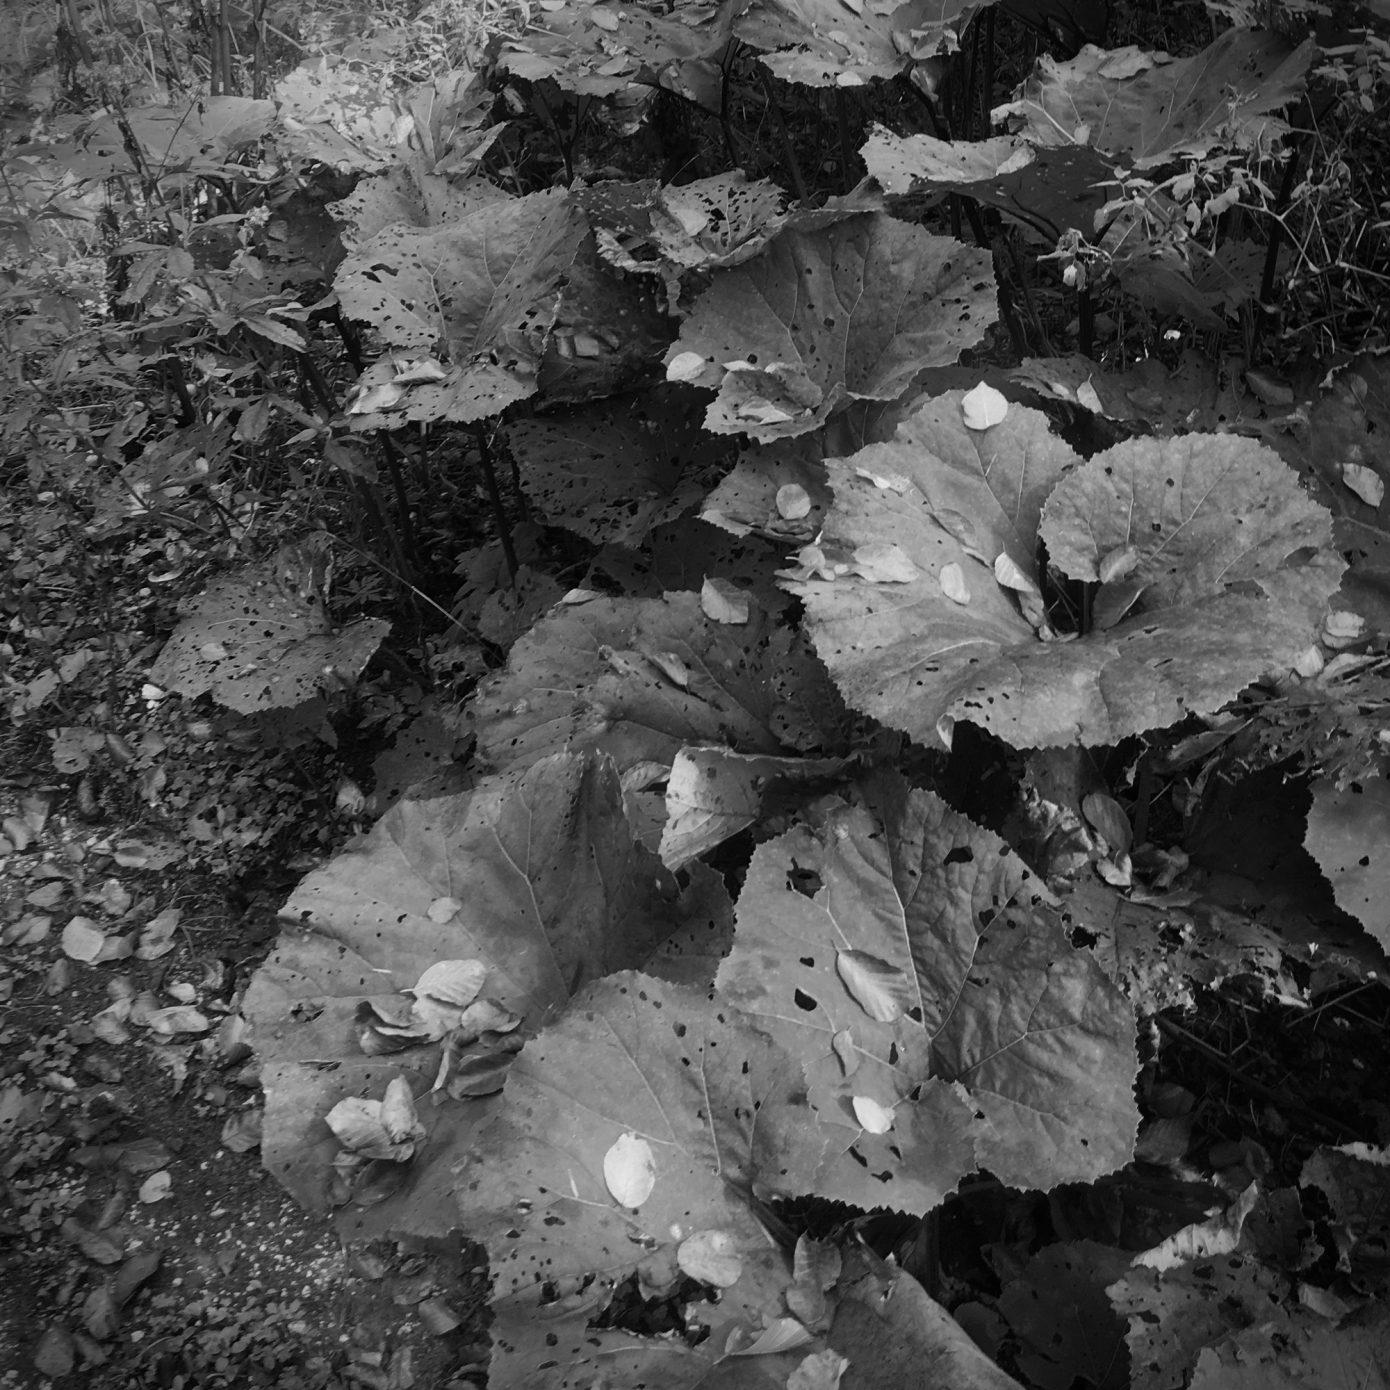 Butterbur_in_Fall.jpg